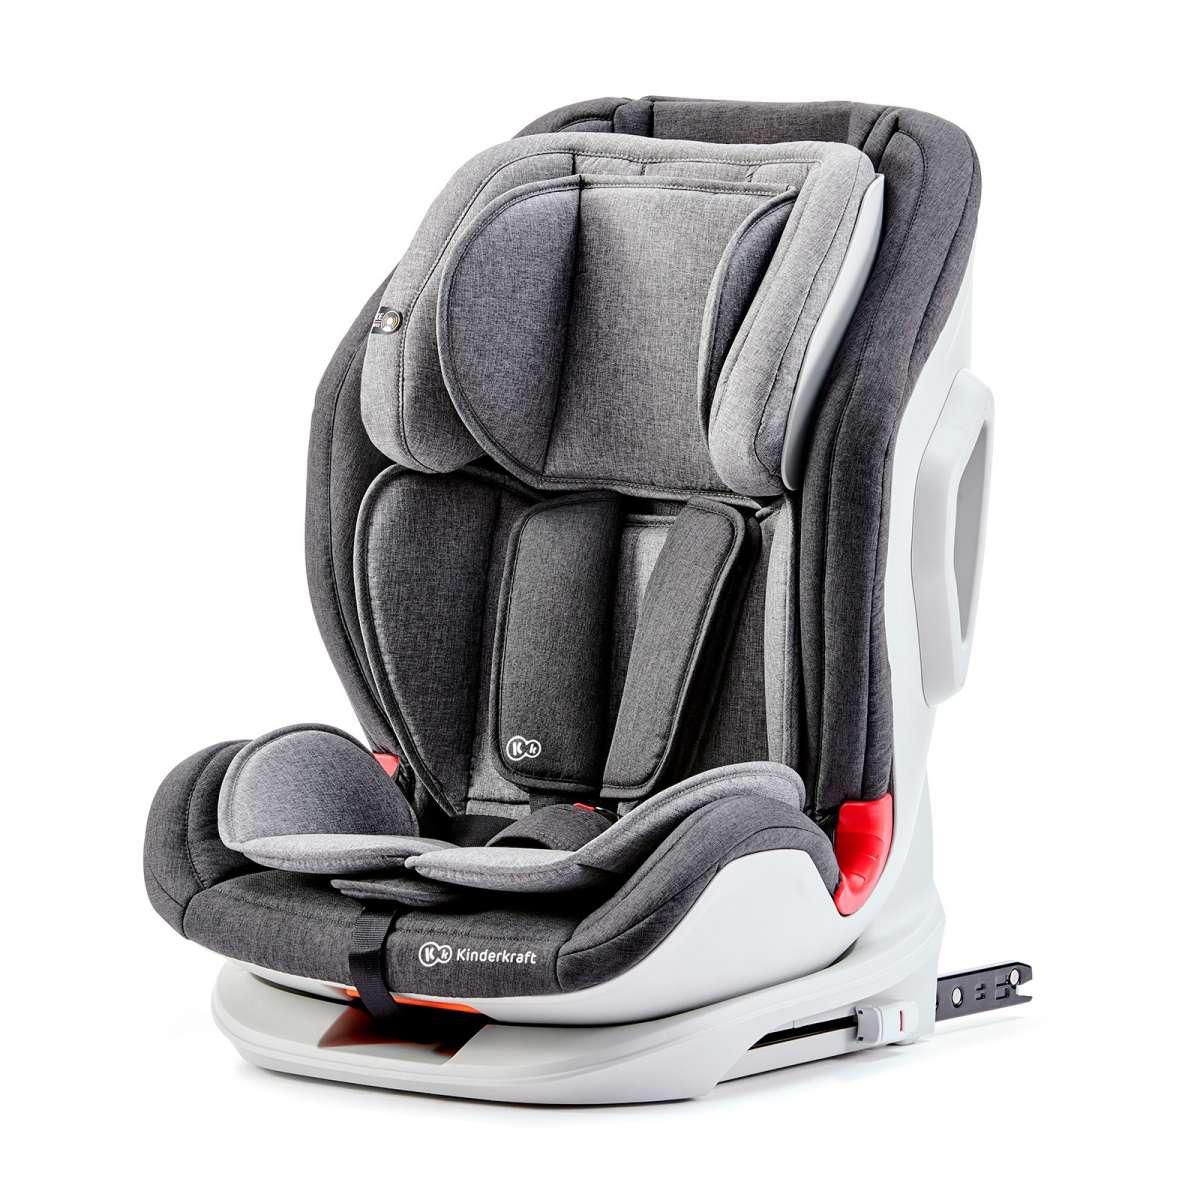 Kinderkraft Oneto 3 Isofix Black/Grey Bērnu autokrēsliņš 9-36 kg